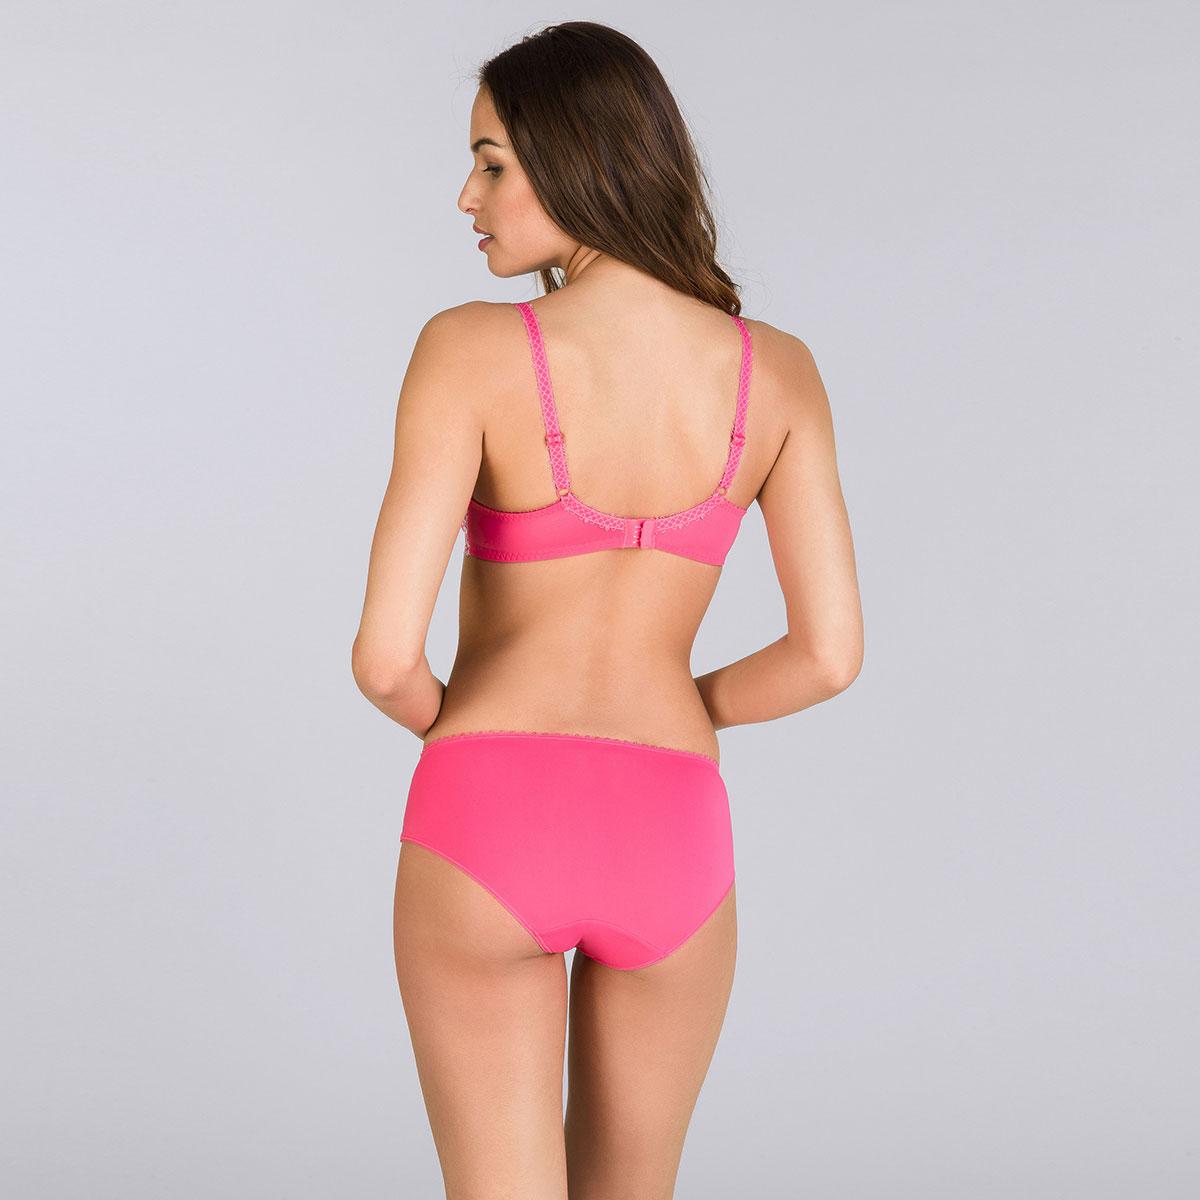 Brilliant pink printed full cup bra - Flower Elegance-PLAYTEX